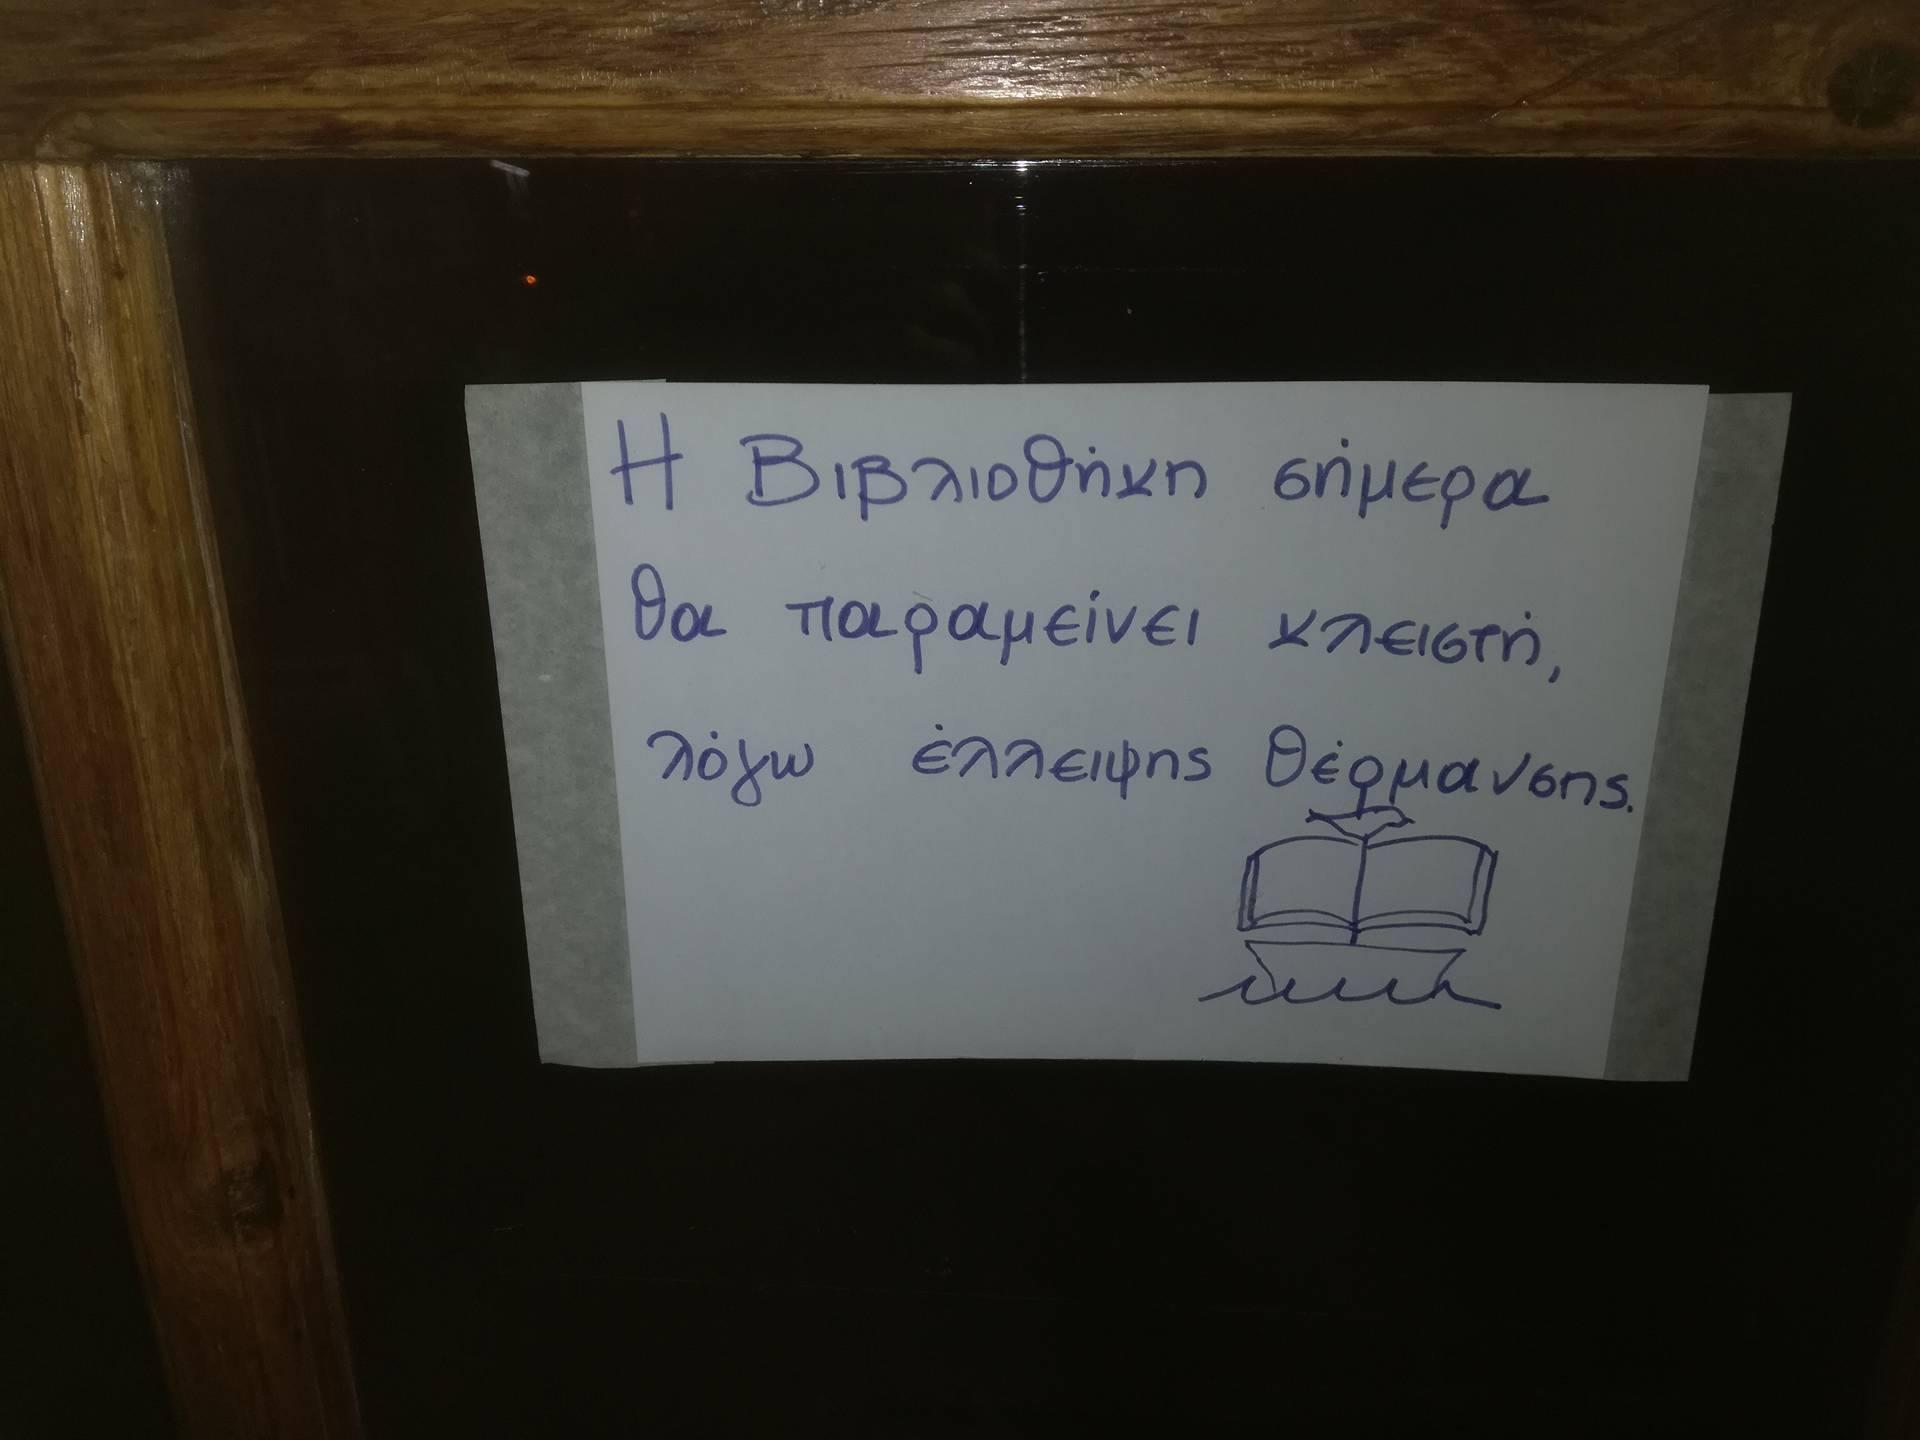 kozan.gr: Κλειστή, από χθες, Τετάρτη, λόγω έλλειψης θέρμανσης, η Παιδική και Εφηβική Βιβλιοθήκη Βελβεντού  (Φωτογραφίες)